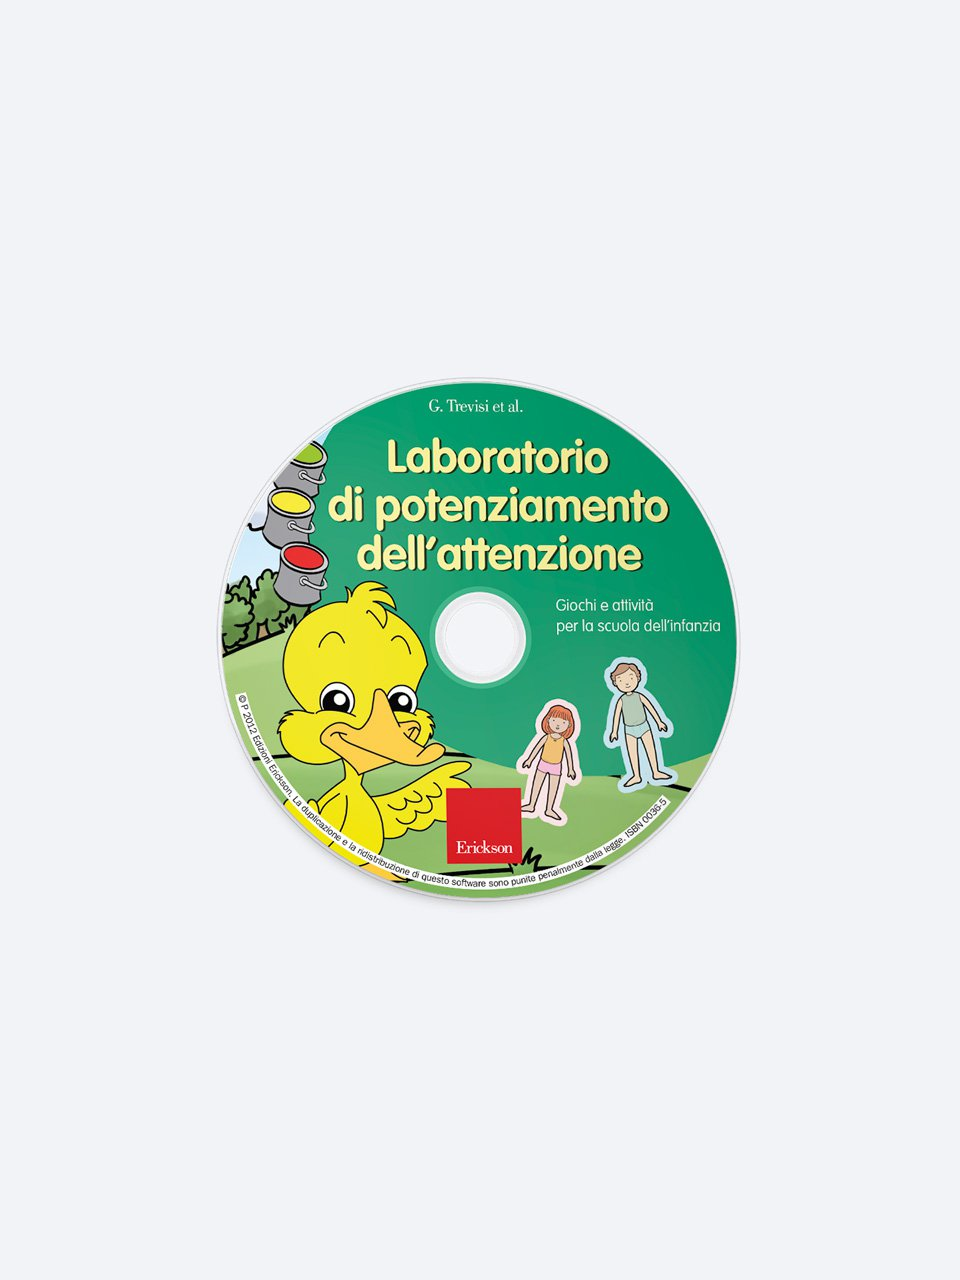 Laboratorio di potenziamento dell'attenzione - Libri - App e software - Erickson 5